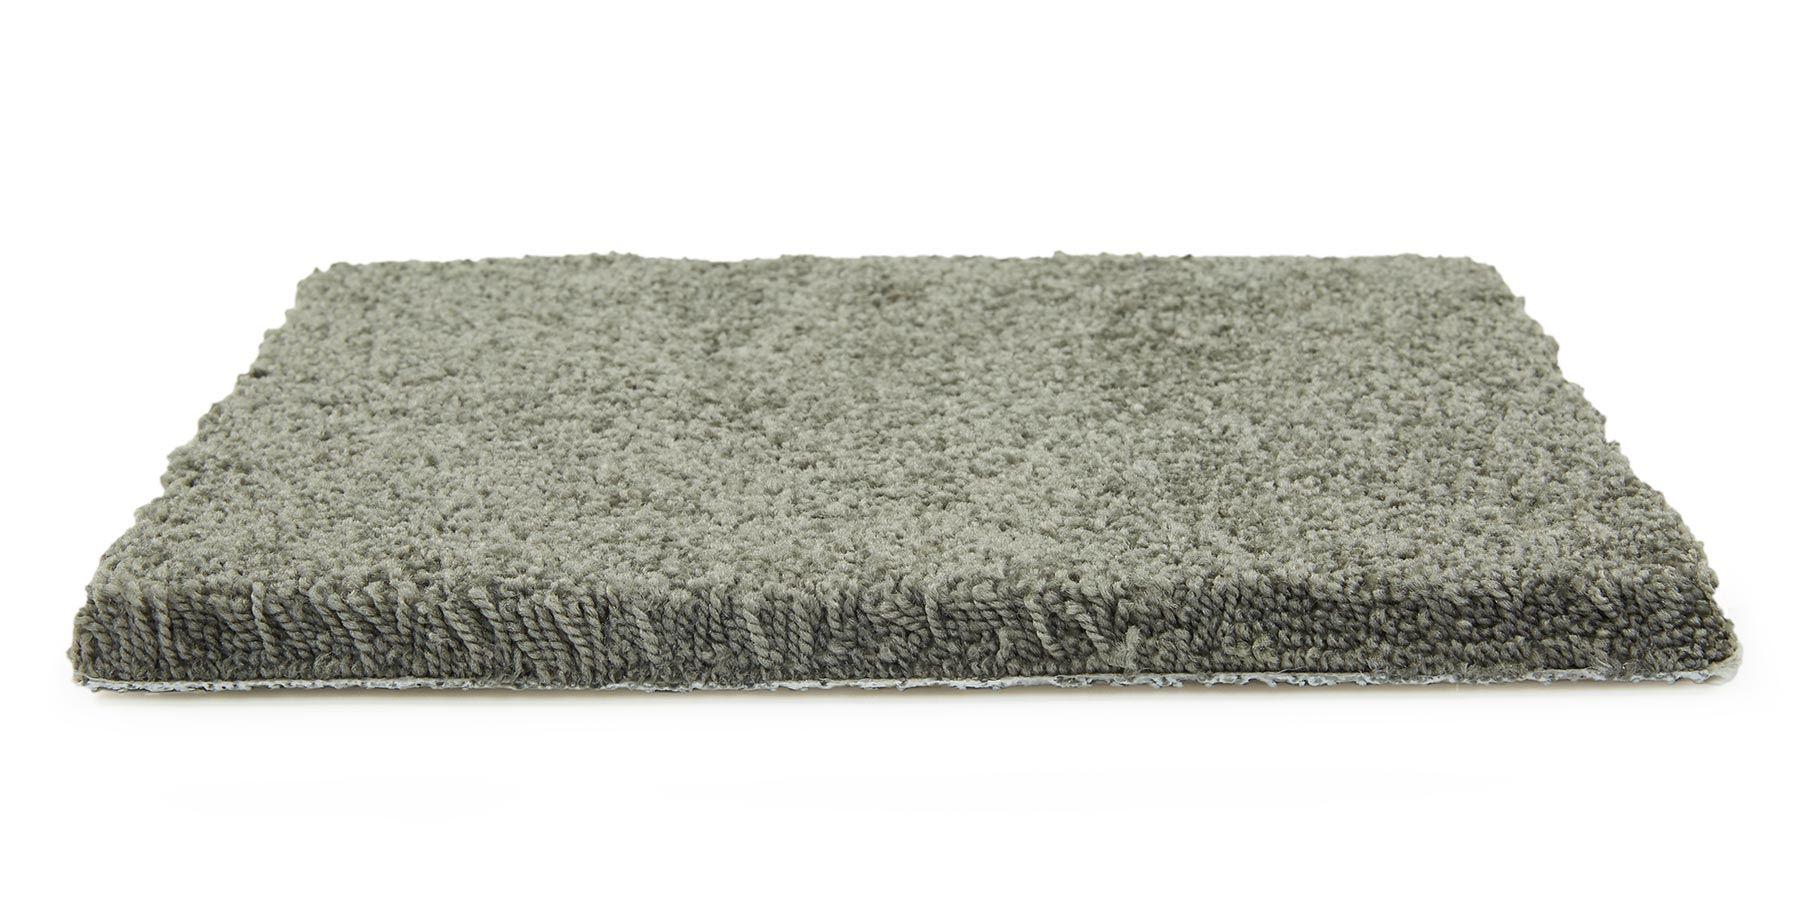 Cloud Nine Shades On Carpet